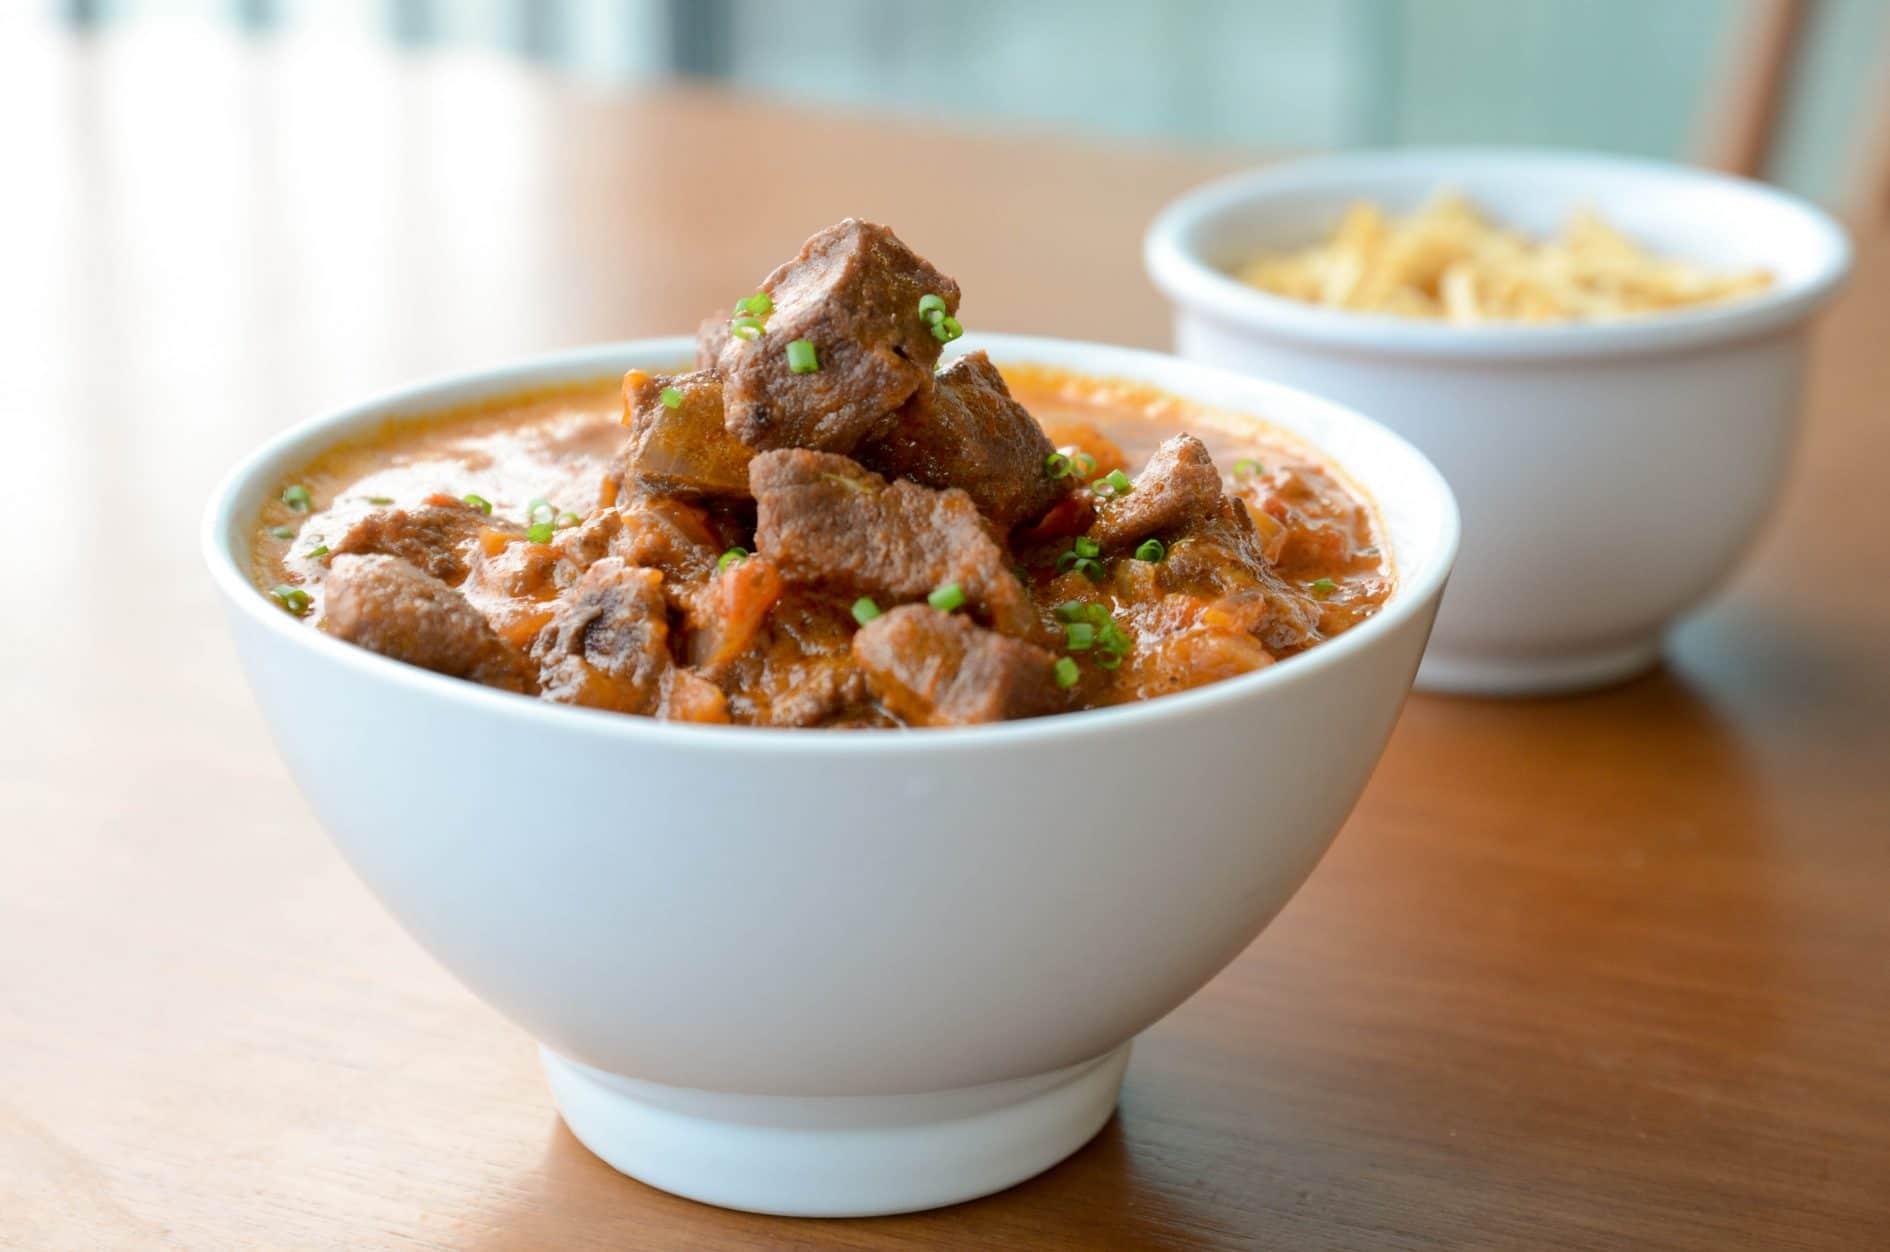 receita de strogonoff de carne feito com iscas de acém